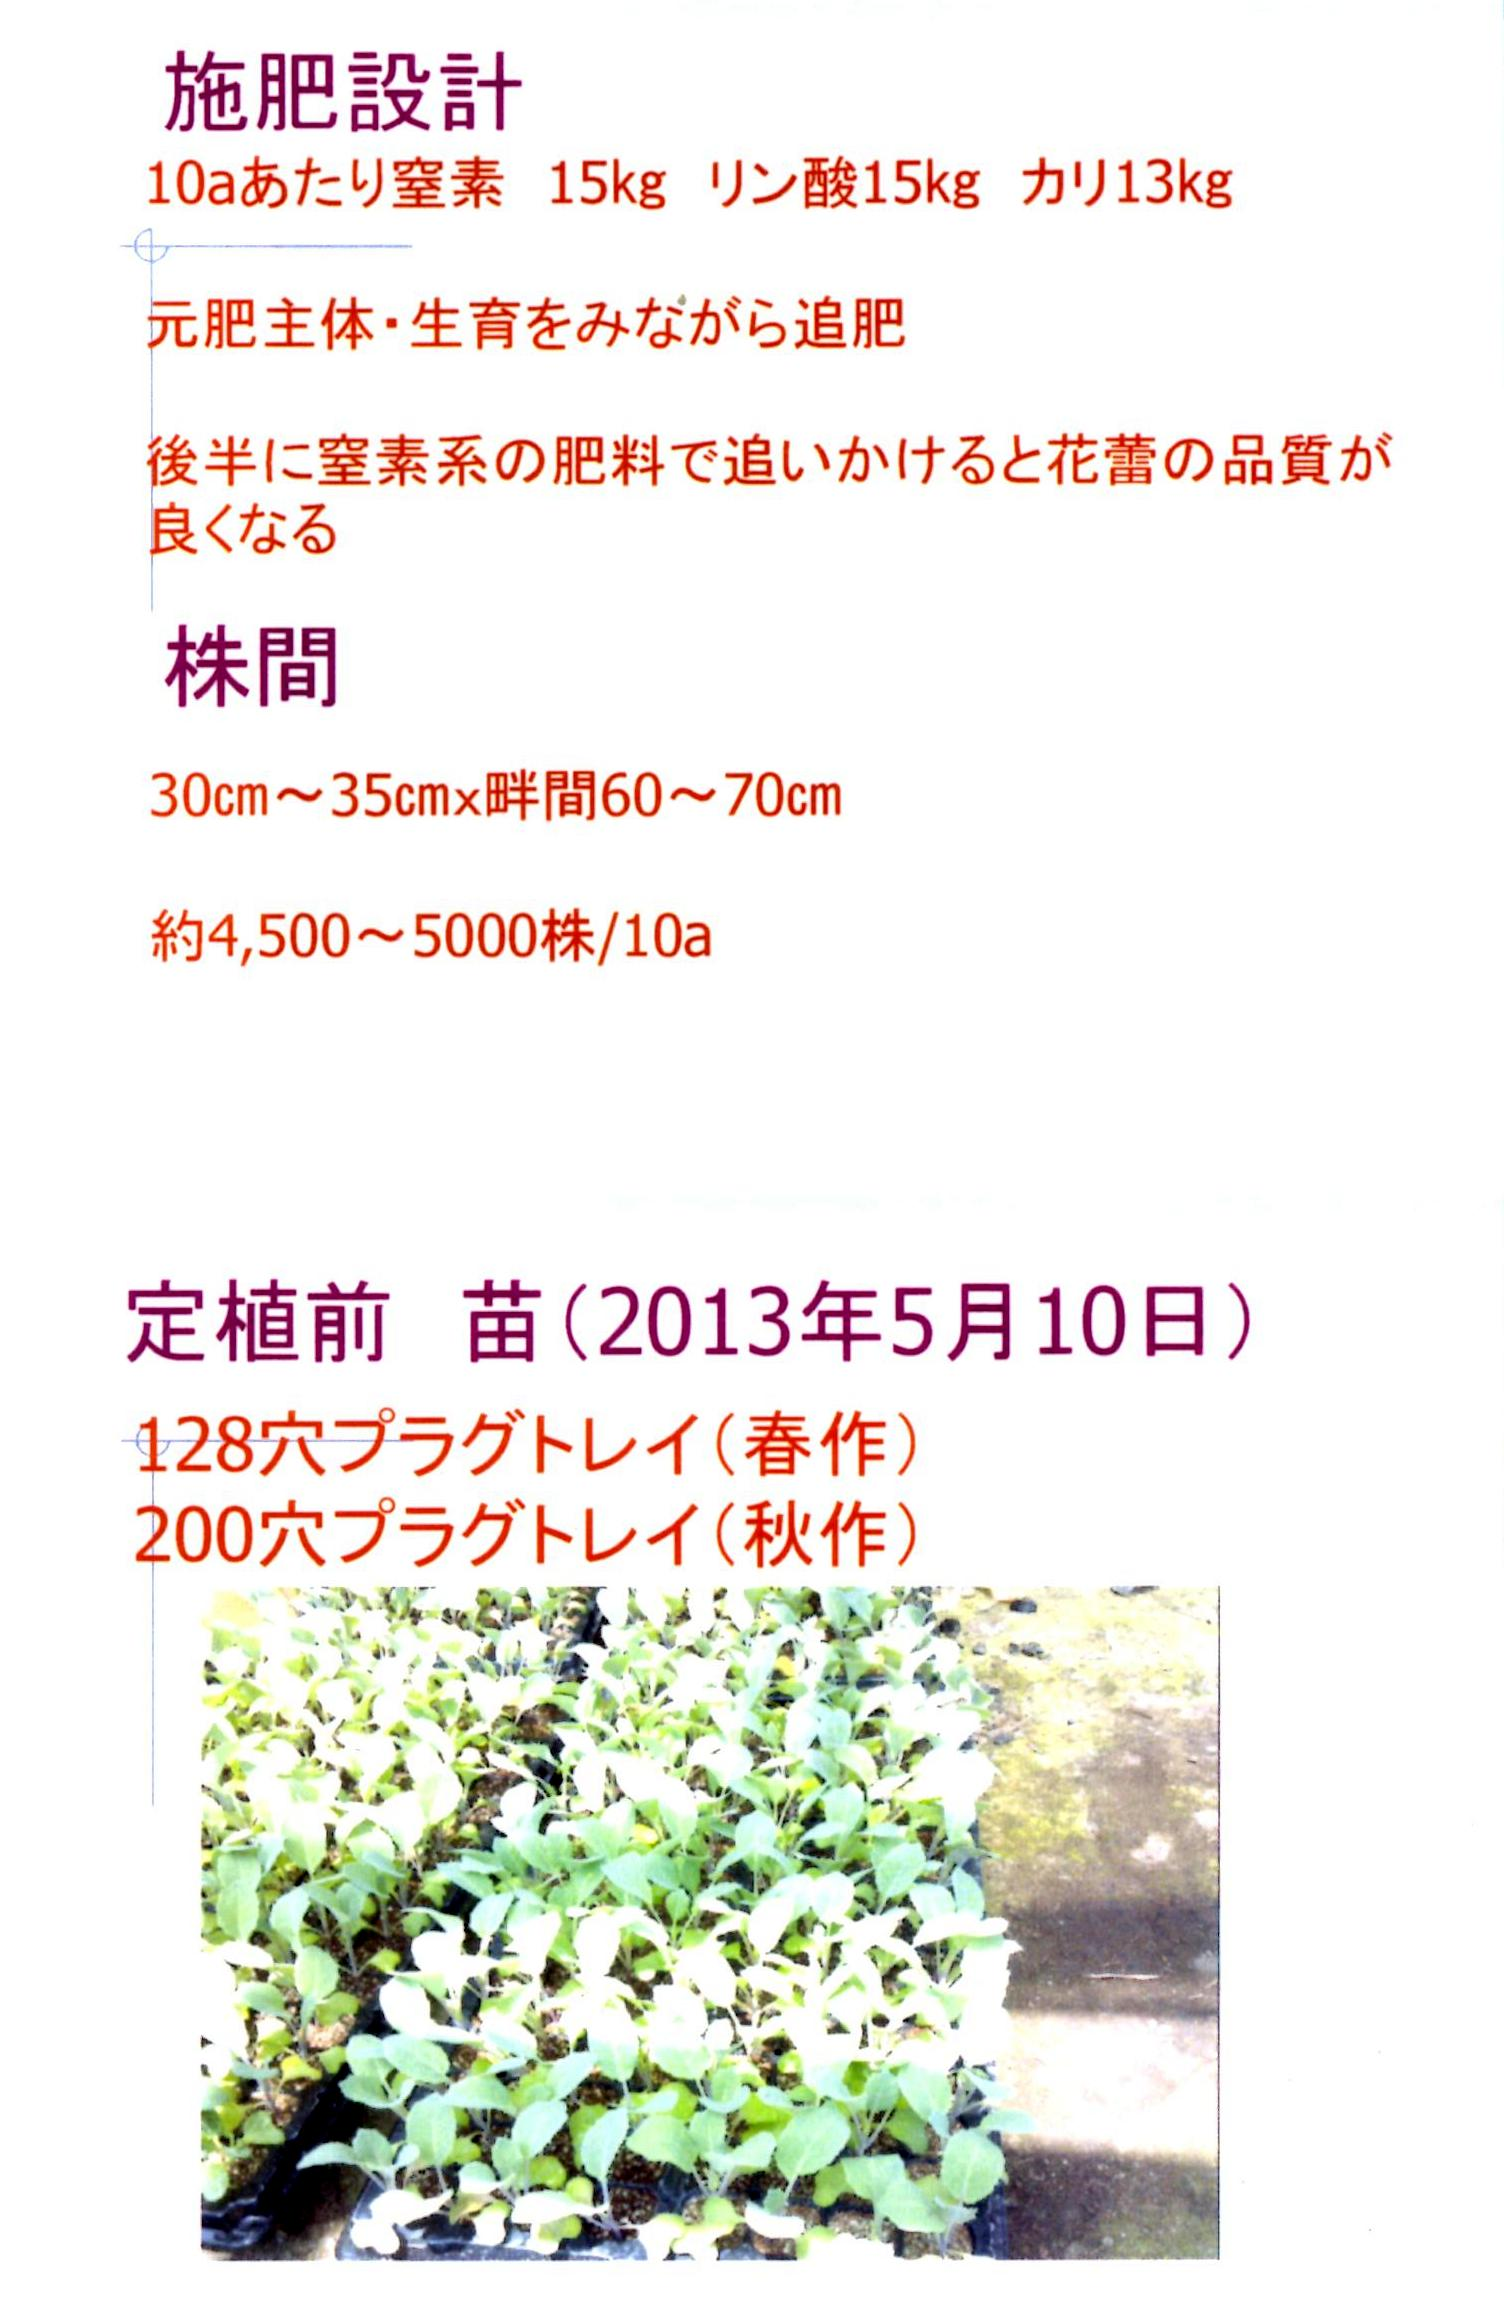 karifu-deta2.jpg